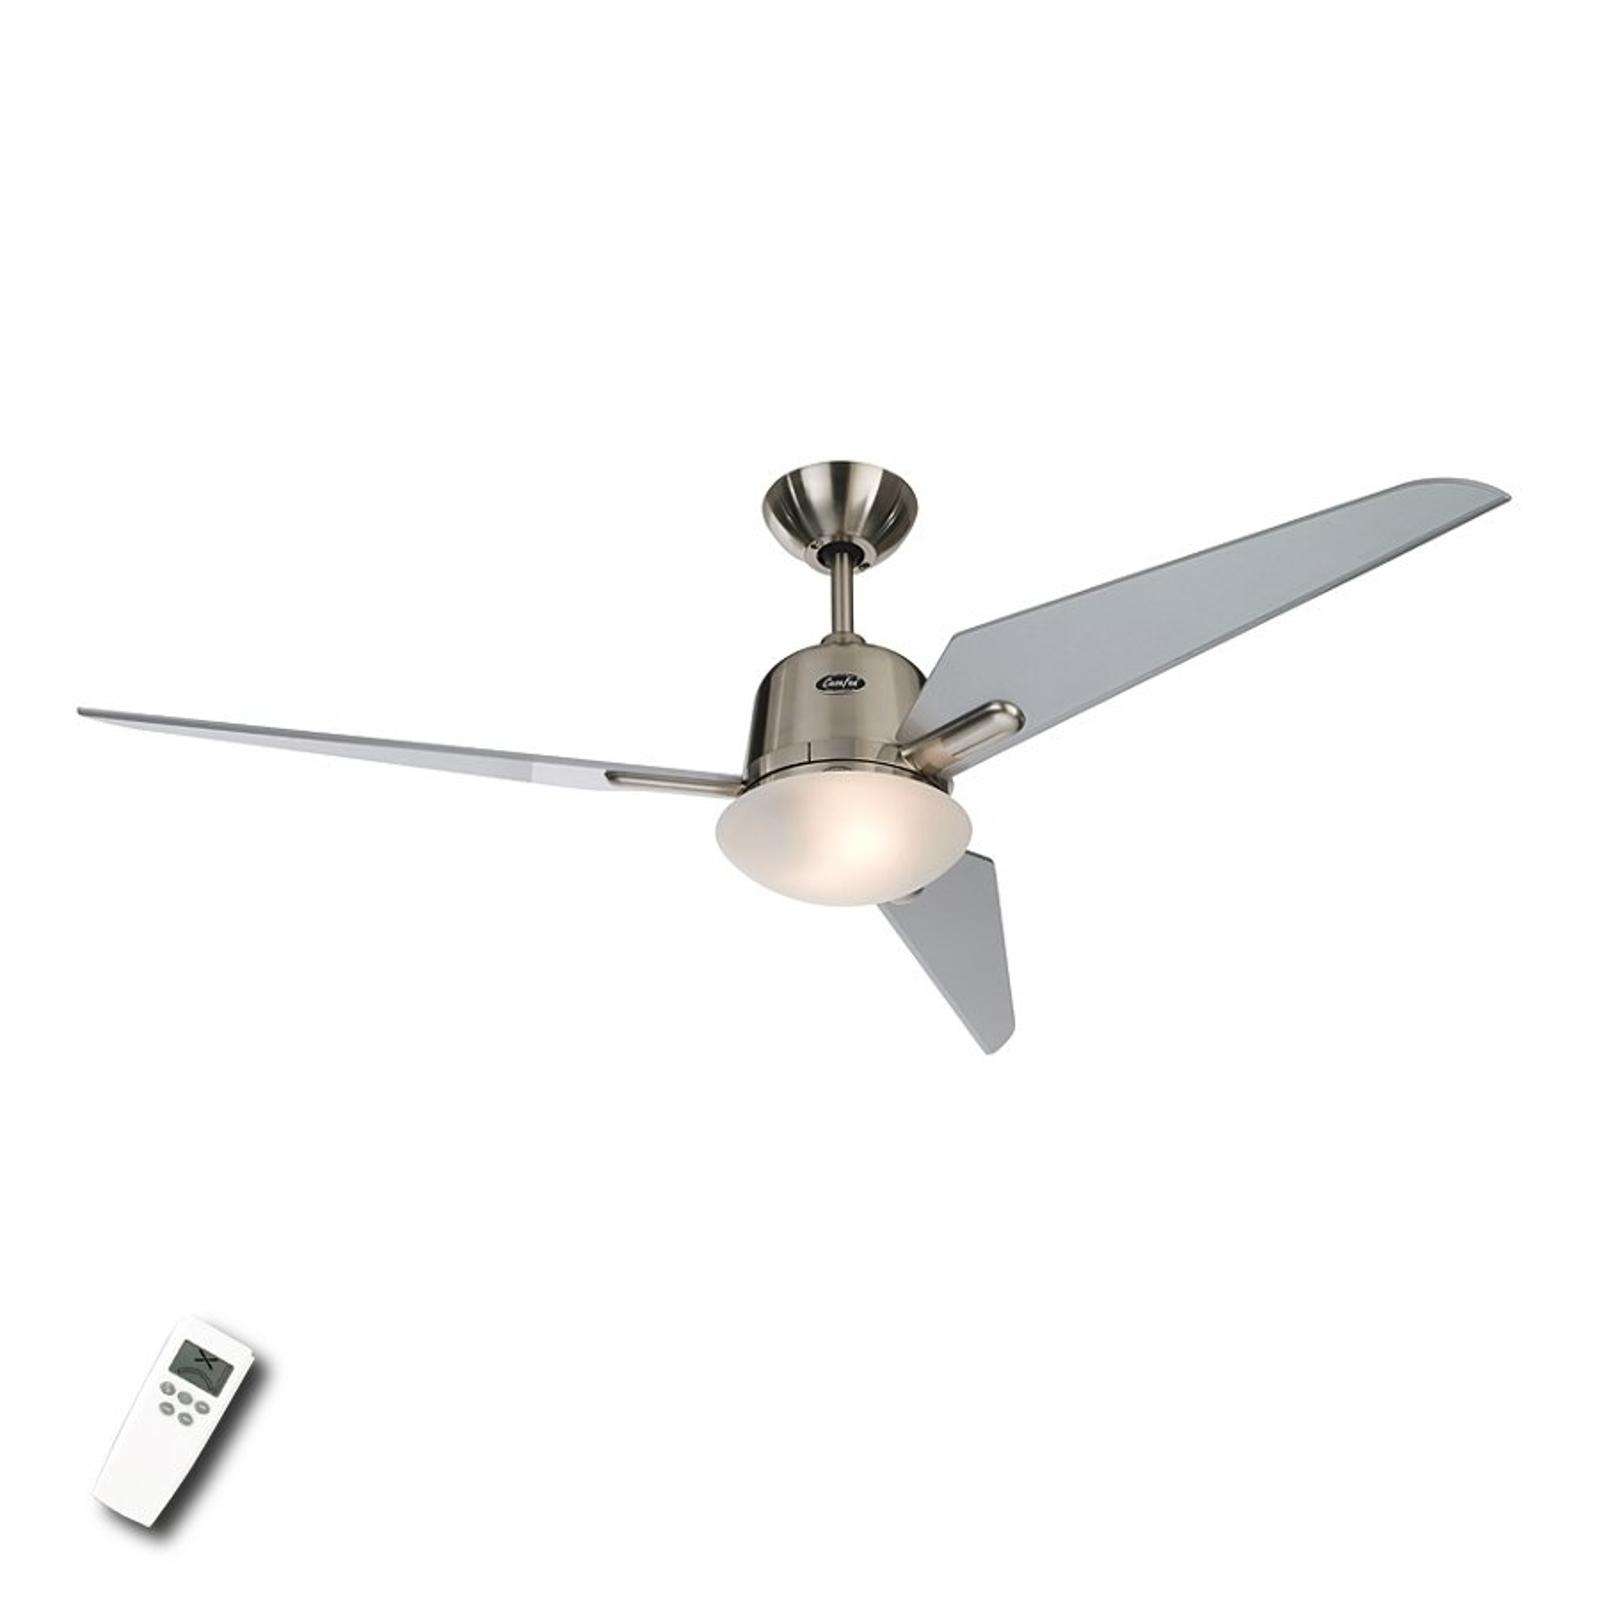 takvifte Eco Aviatos sølv 132 cm